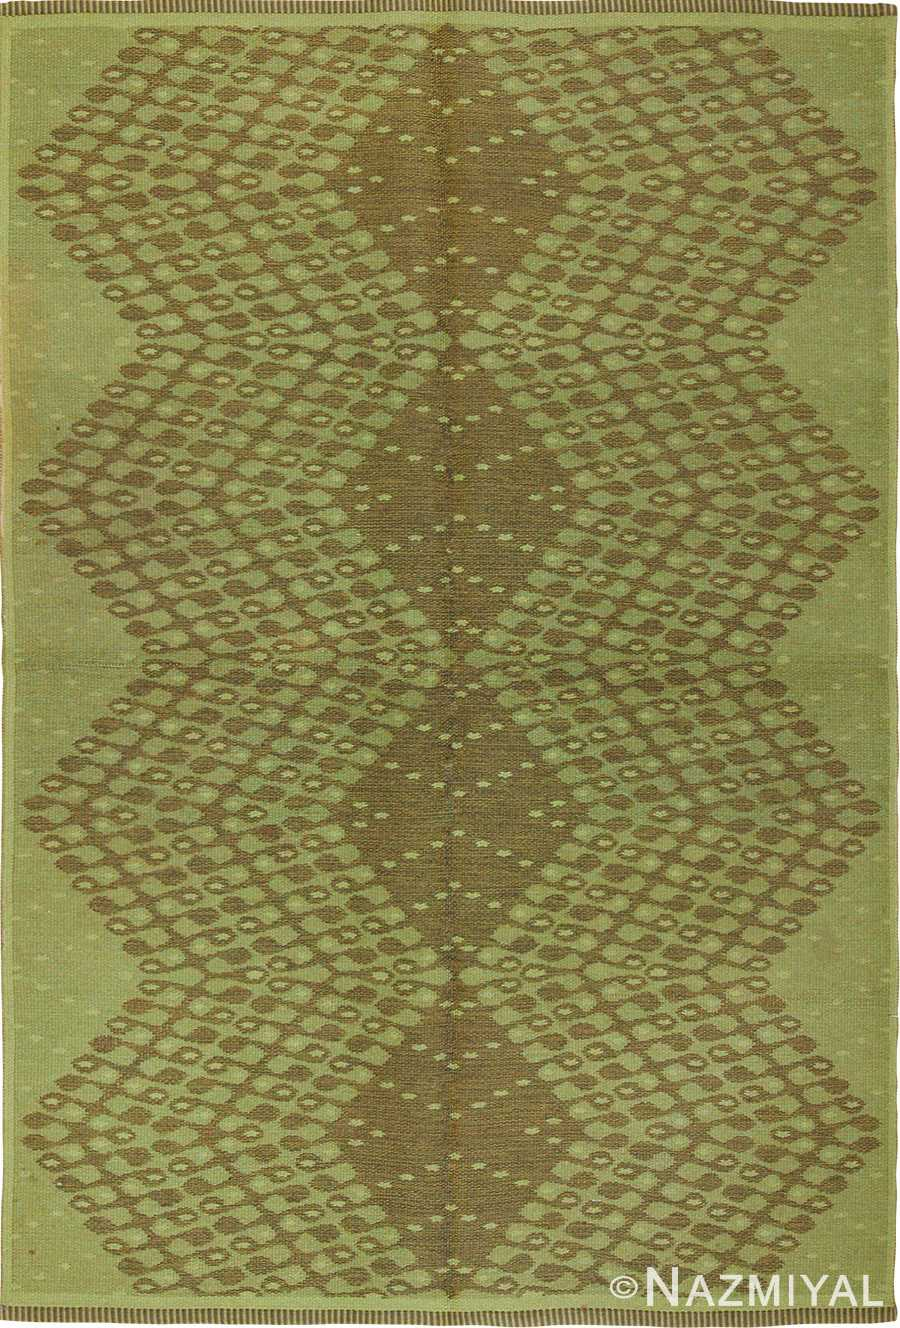 vintage swedish double sided rug 47559 Nazmiyal